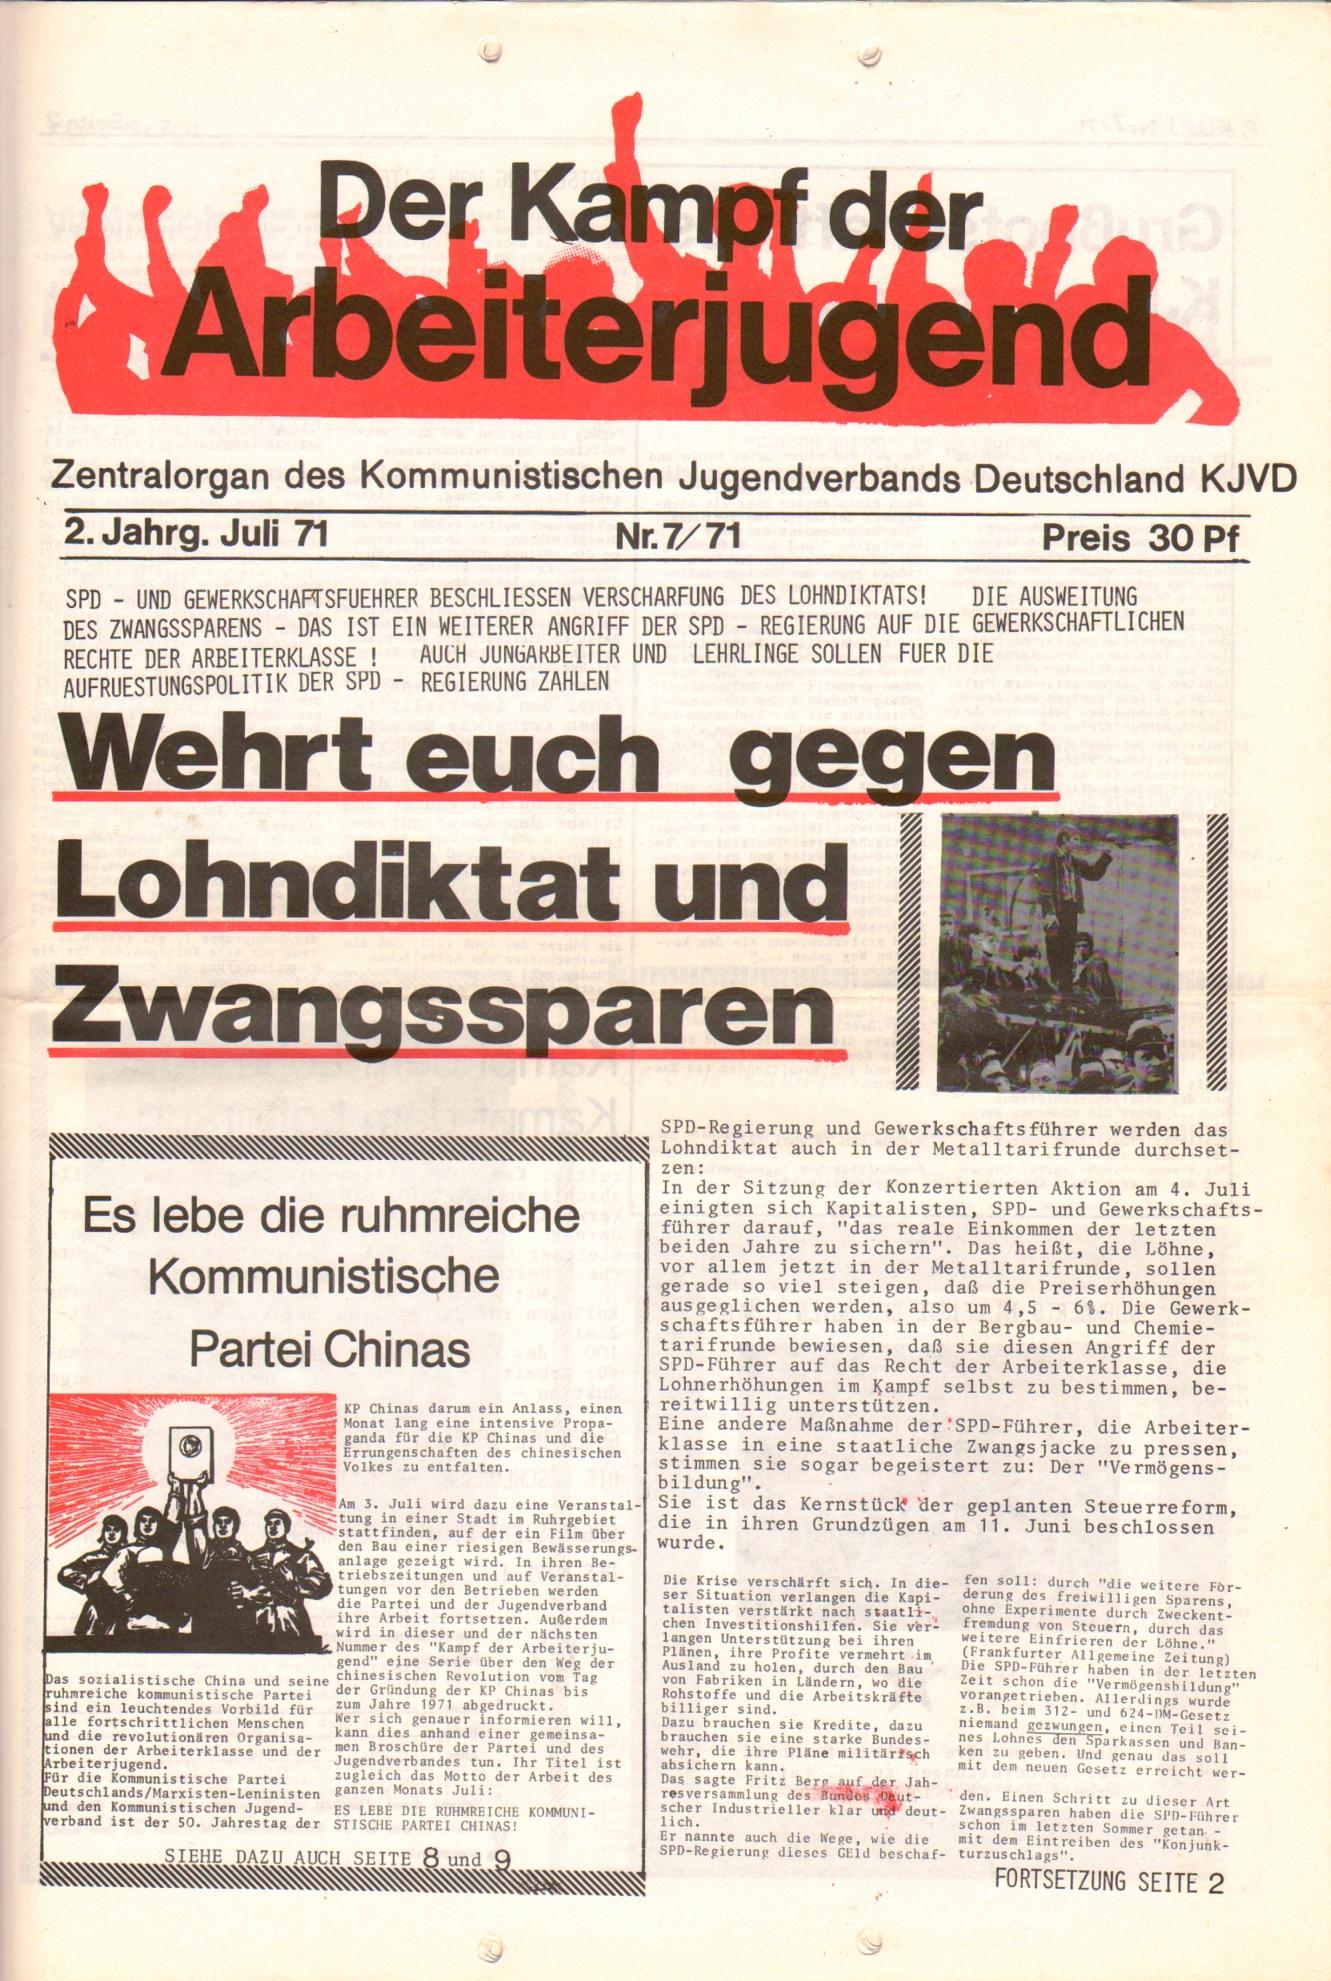 KDAJ, 2. Jg., Juli 1971, Nr. 7, Seite 1